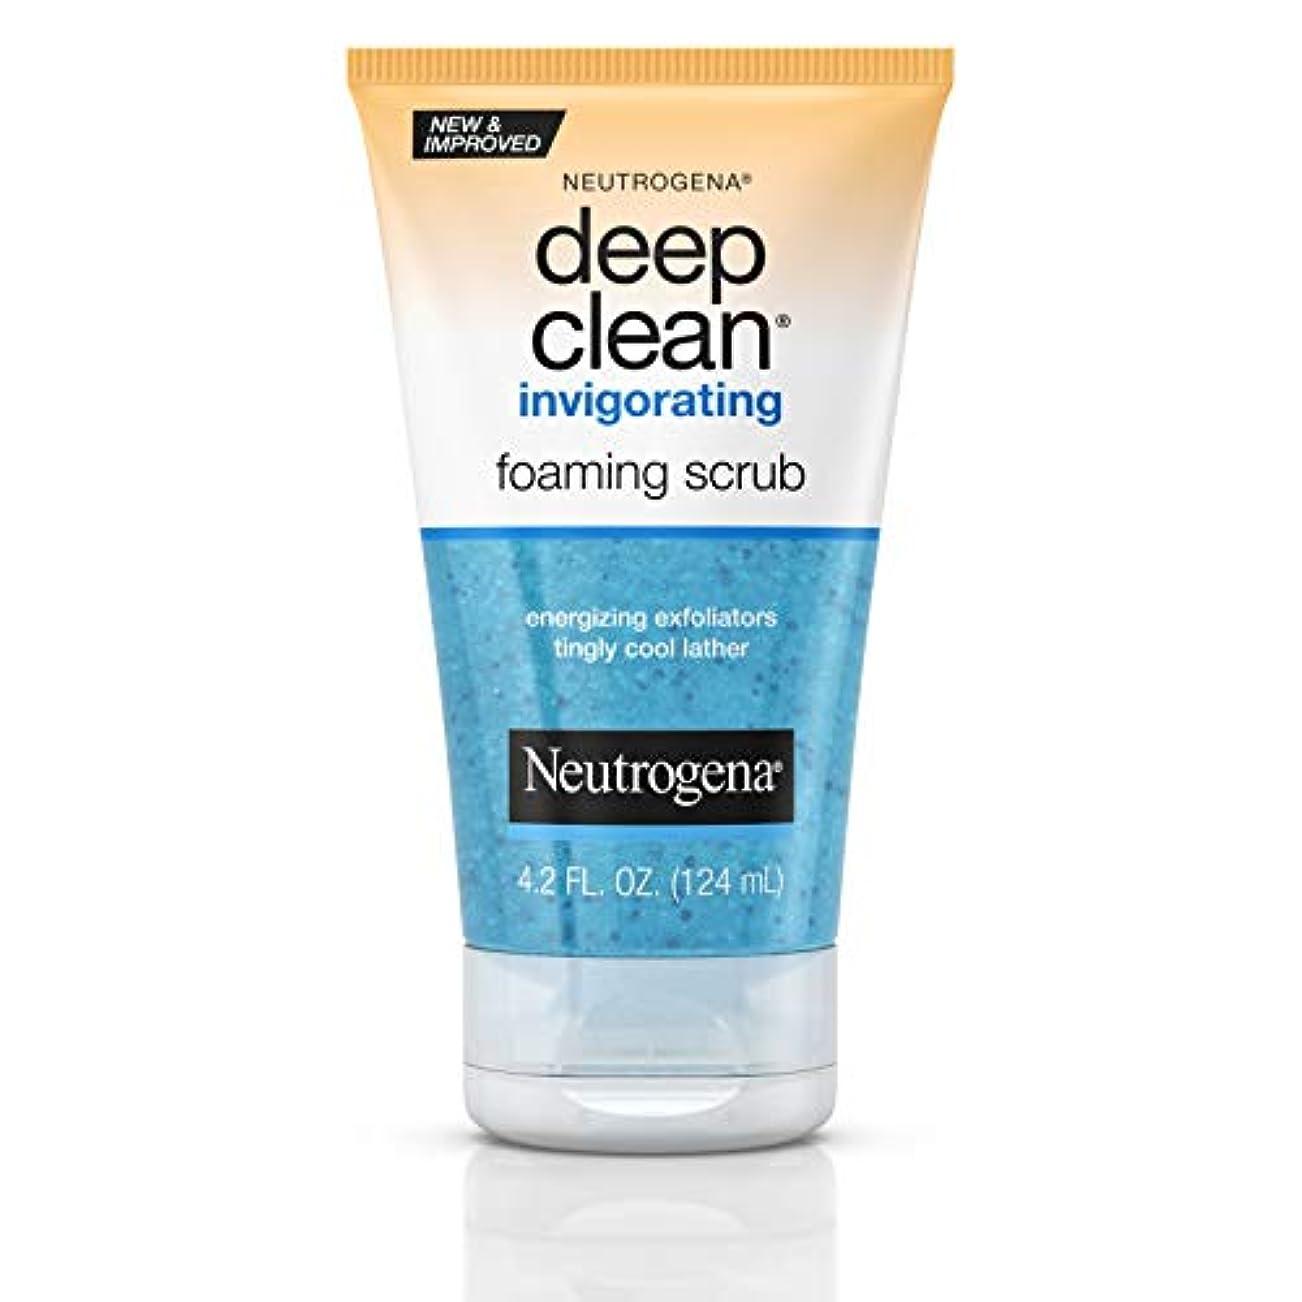 救い楽しむ効果Neutrogena Deep Clean Invigorating Foaming Scrub ニキビのための皮膚の奥までキレイにする洗顔ジェル125ml